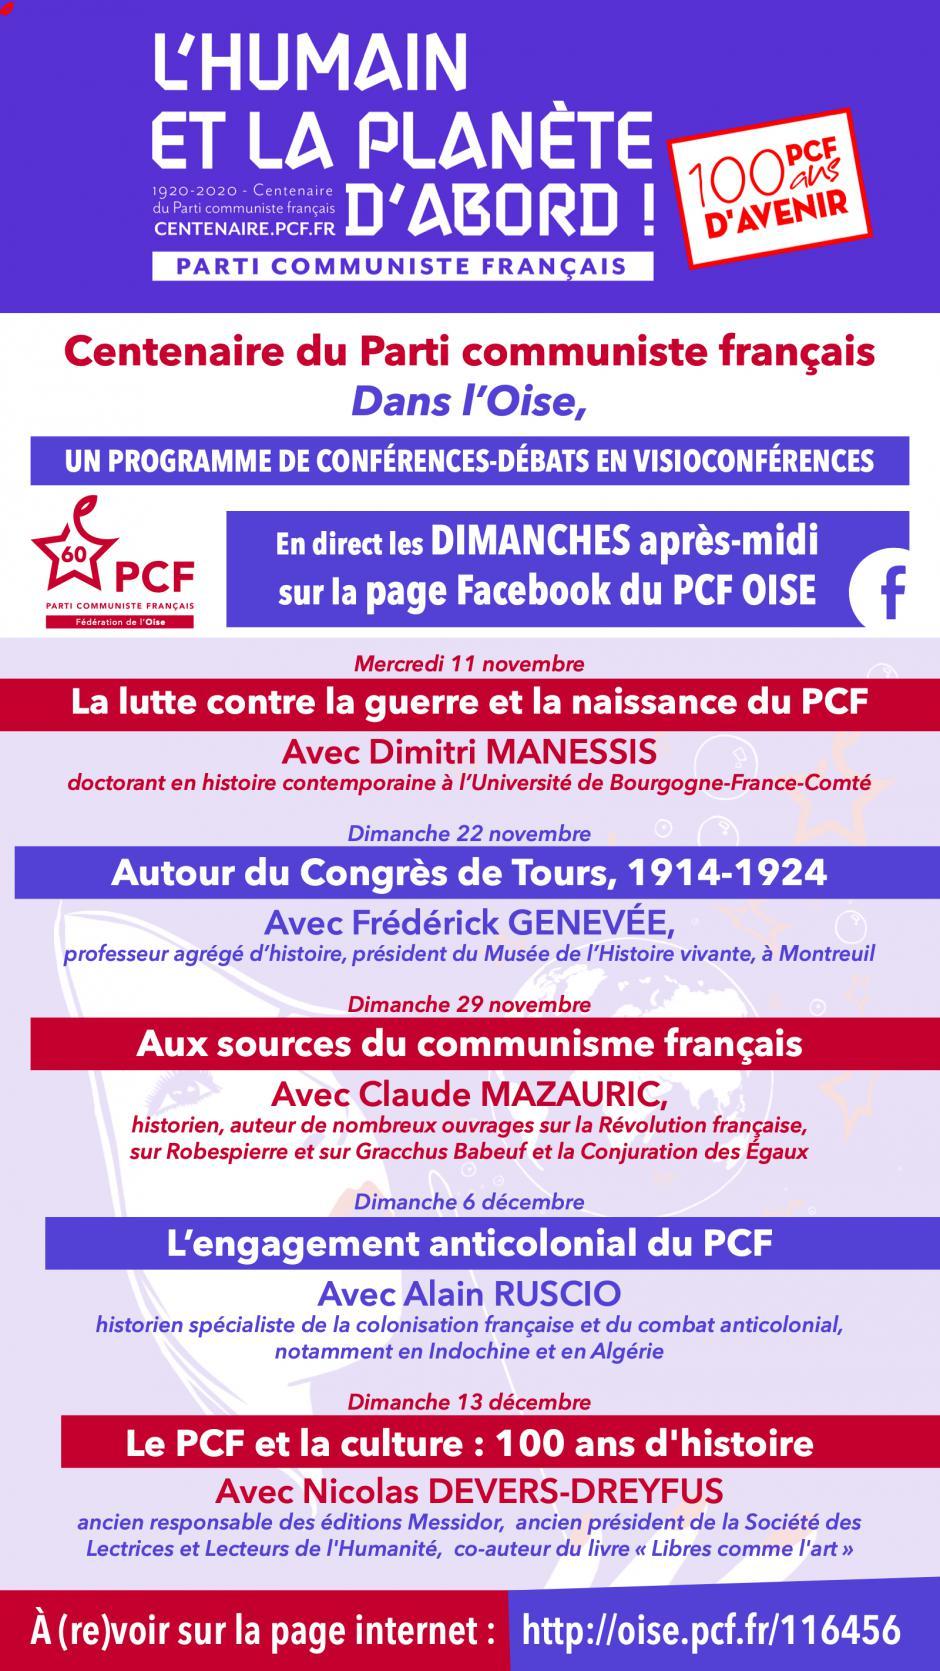 Centenaire du Parti communiste dans l'Oise : un programme de conférences-débats en visioconférences